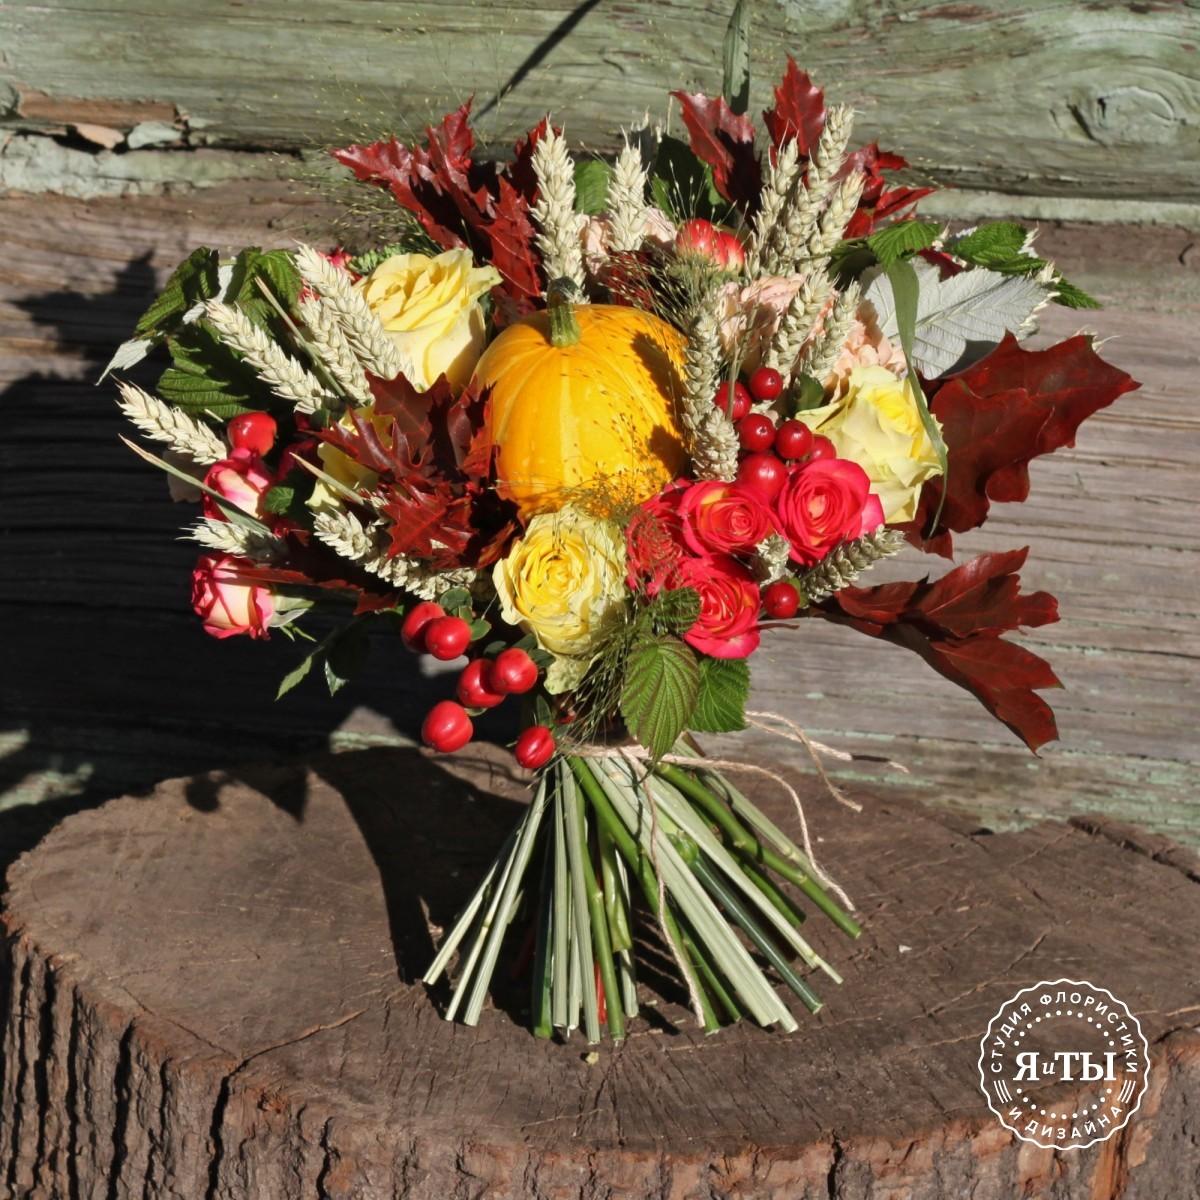 Небольшой букет с тыквой и розами